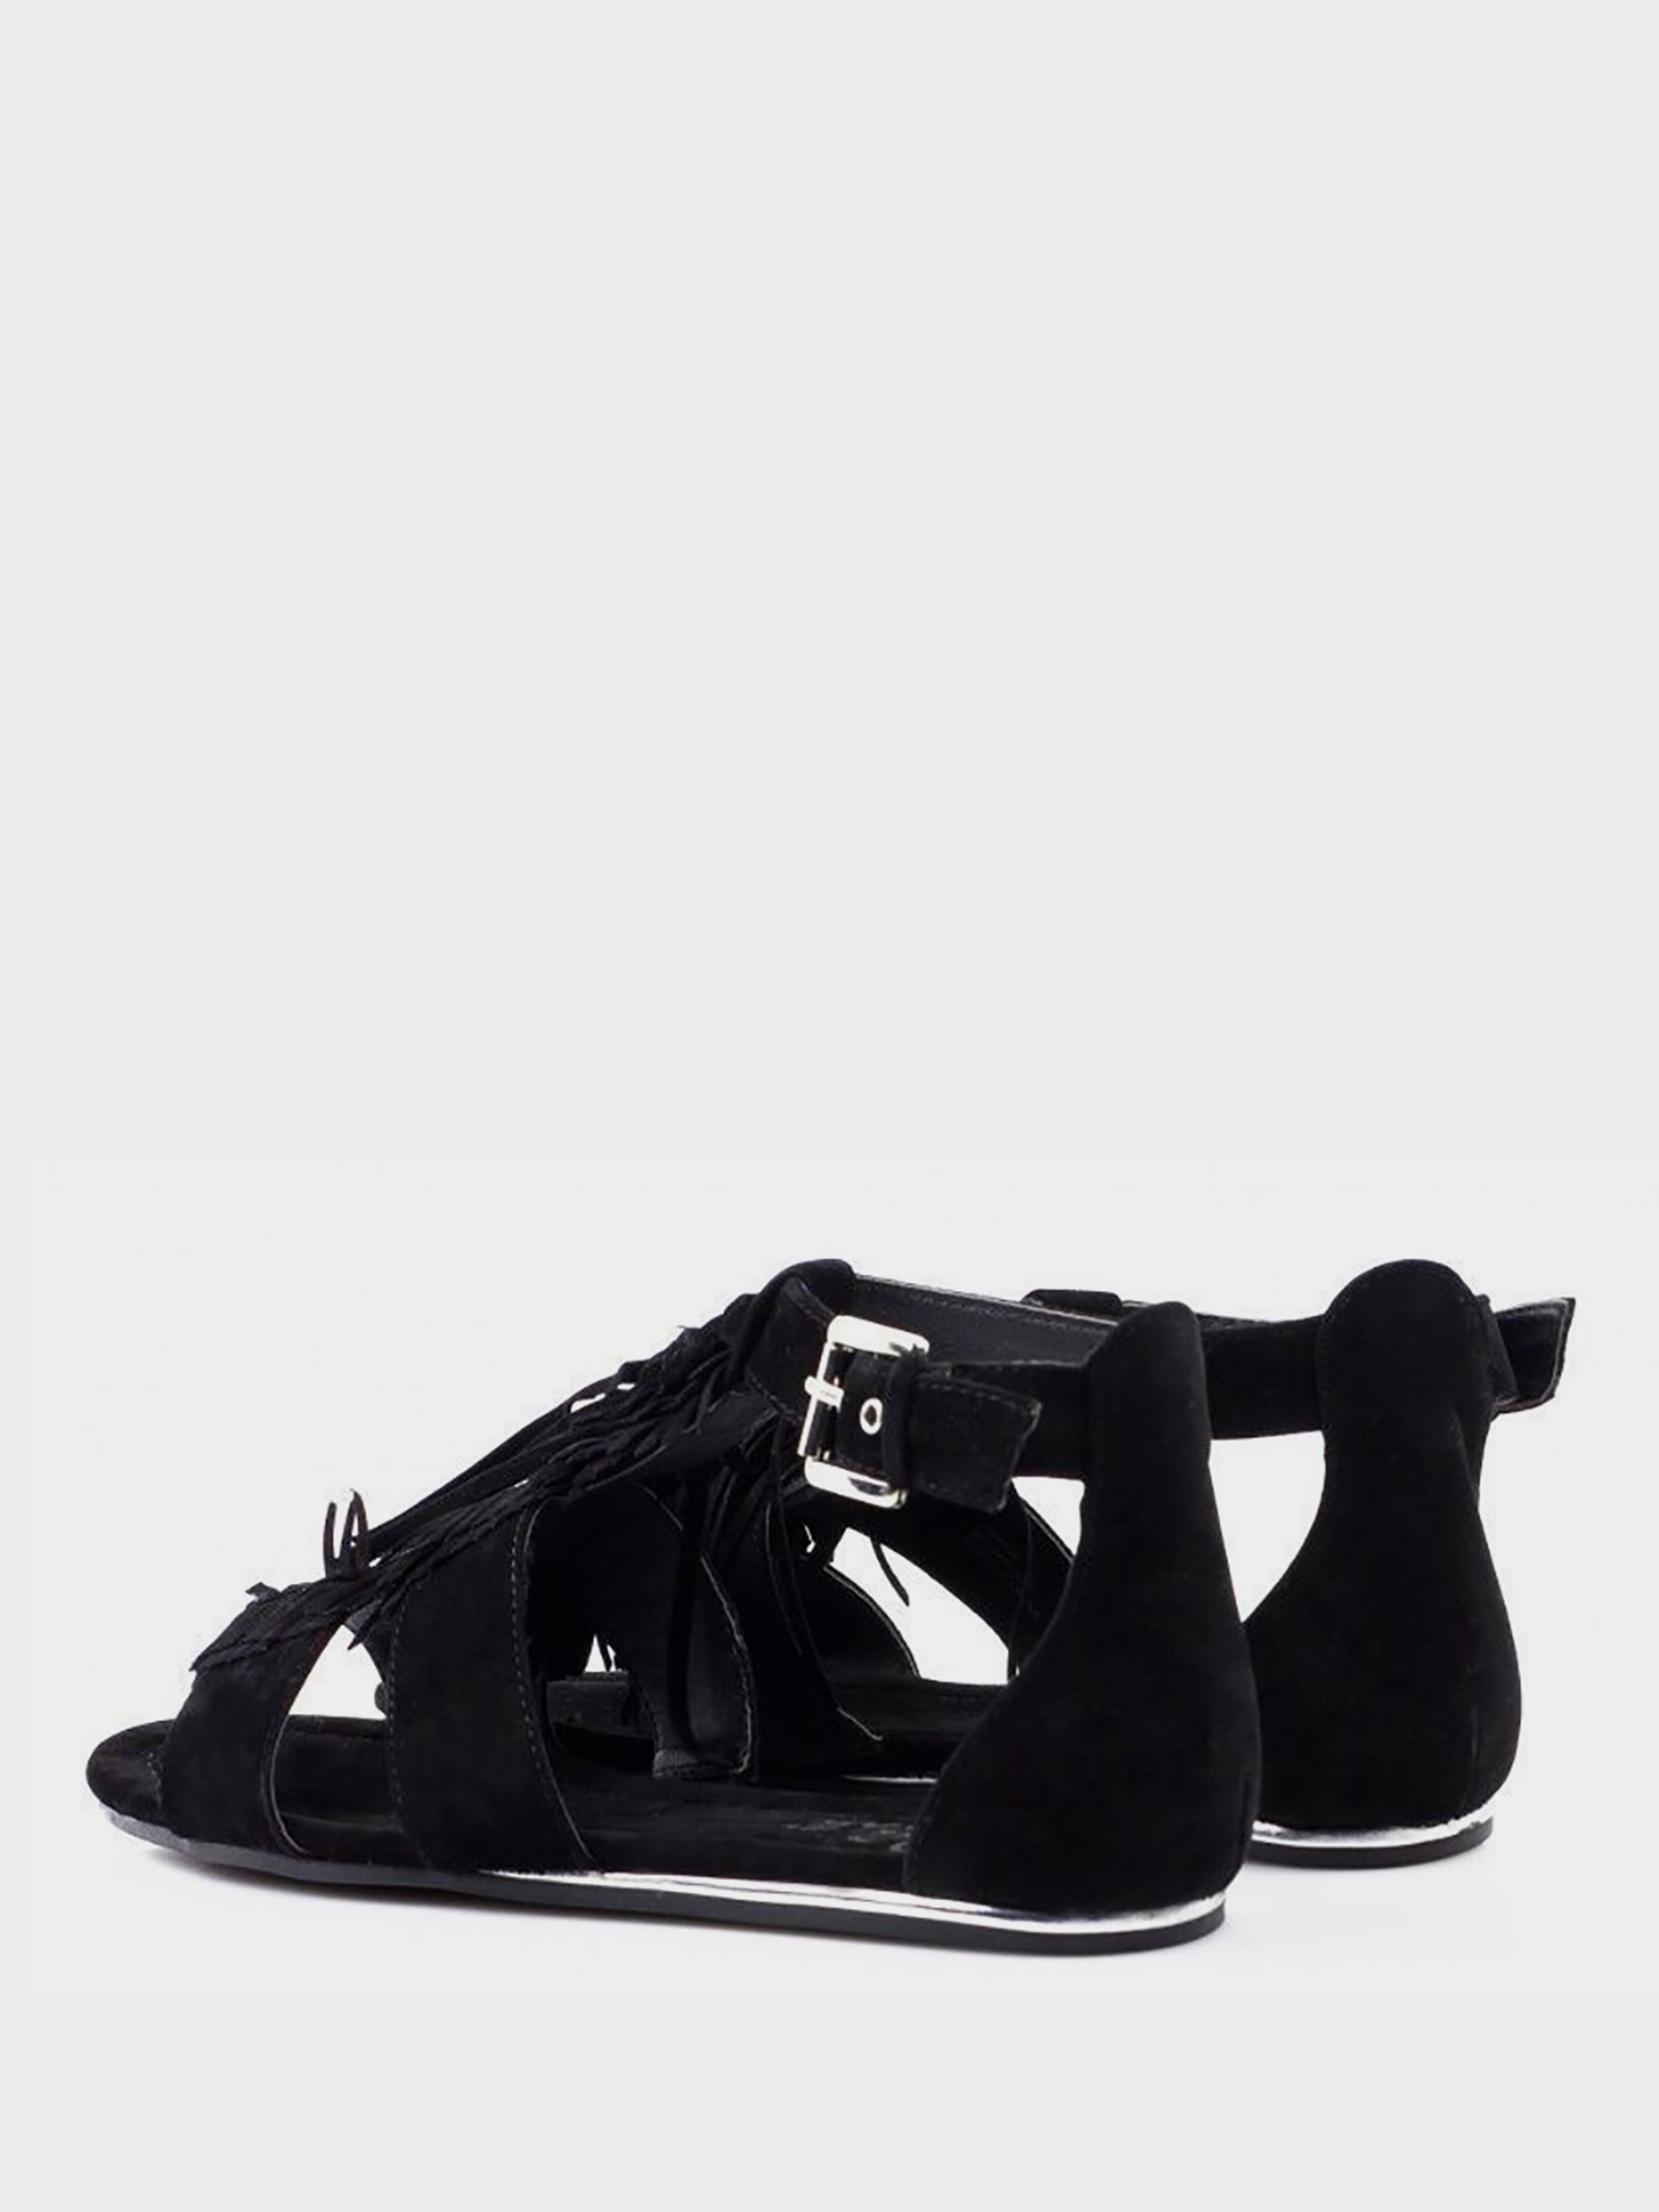 Сандалии для женщин BLINK BL1805 размерная сетка обуви, 2017